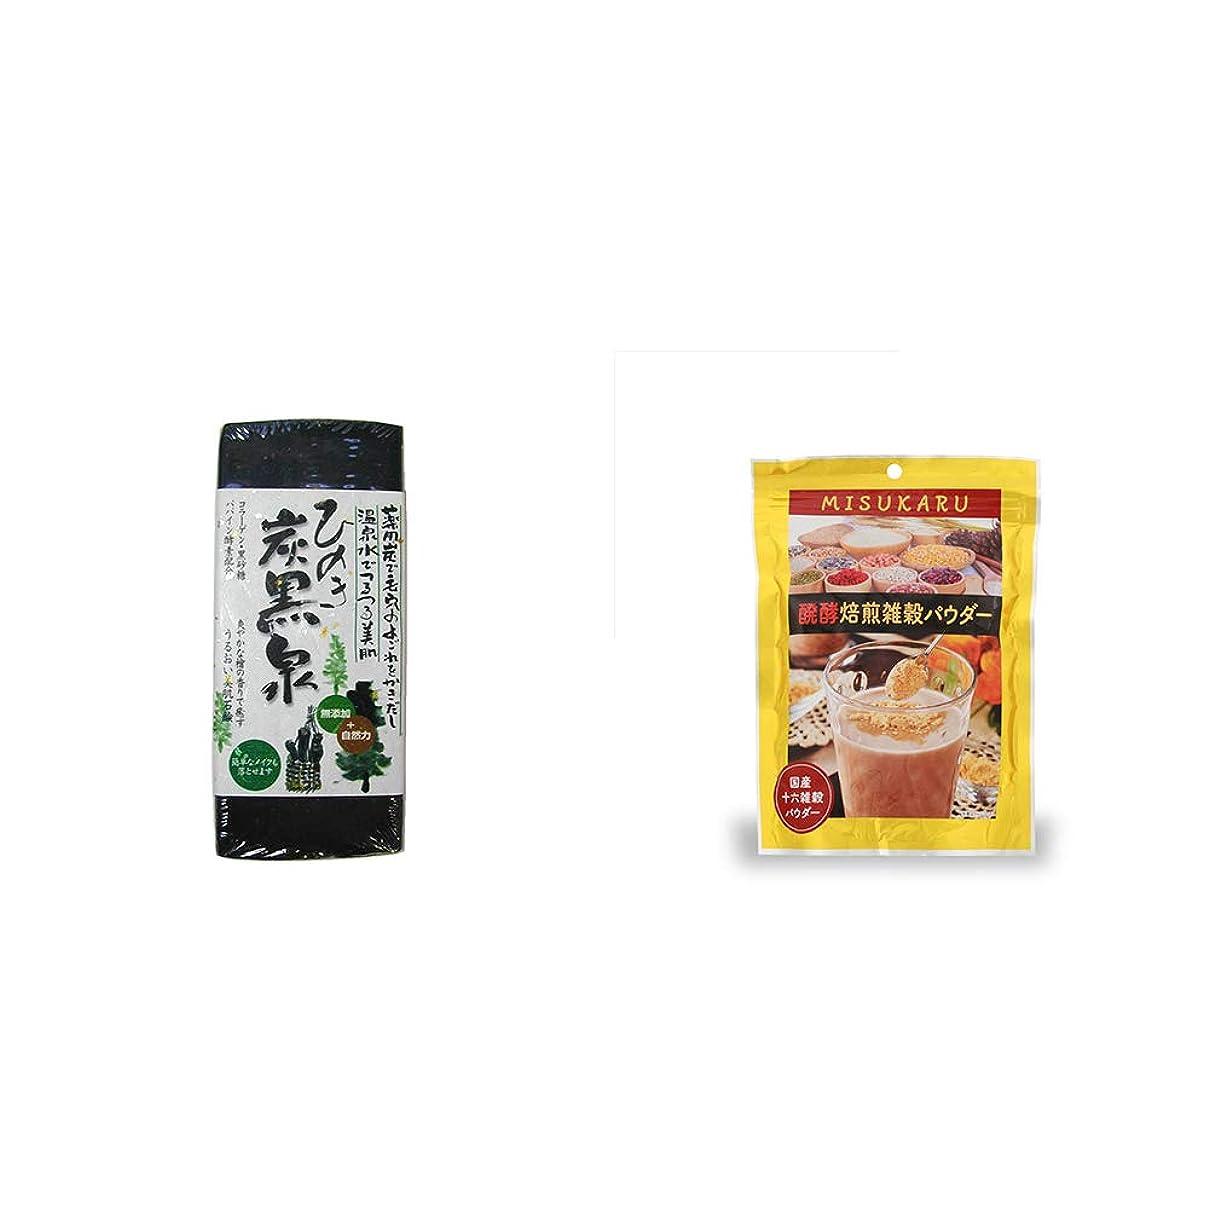 どこかリズミカルなひまわり[2点セット] ひのき炭黒泉(75g×2)?醗酵焙煎雑穀パウダー MISUKARU(ミスカル)(200g)